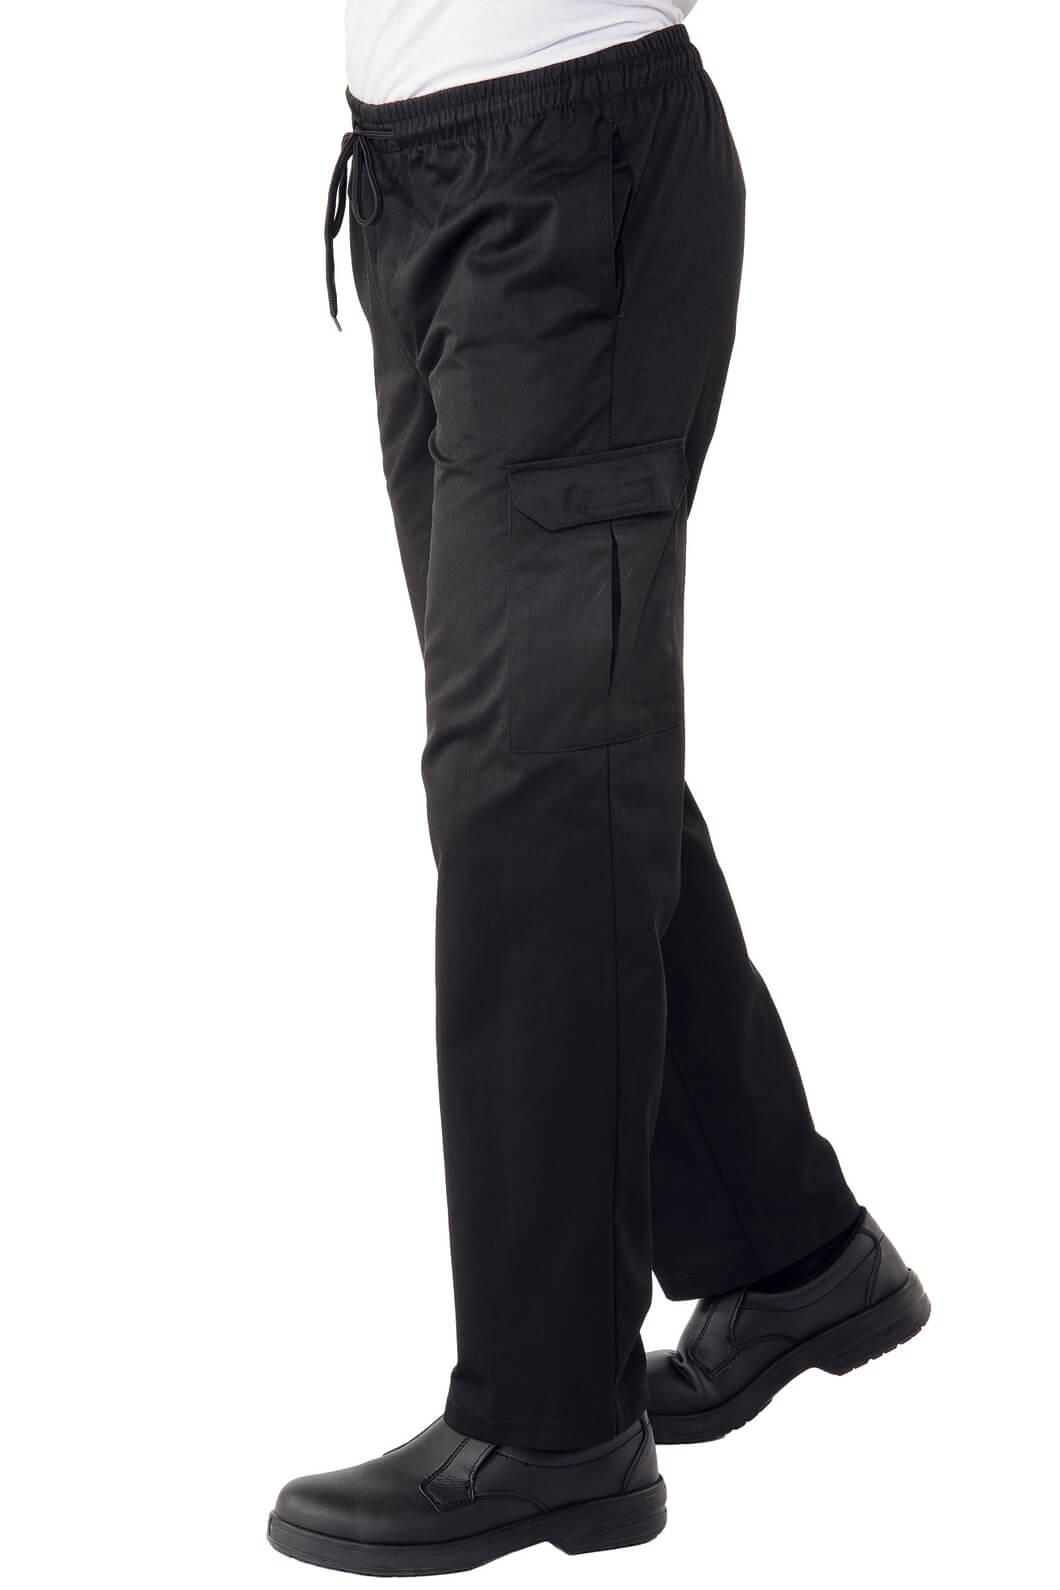 Pantalon chef cuisinier 4xl noir for Cuisinier 95